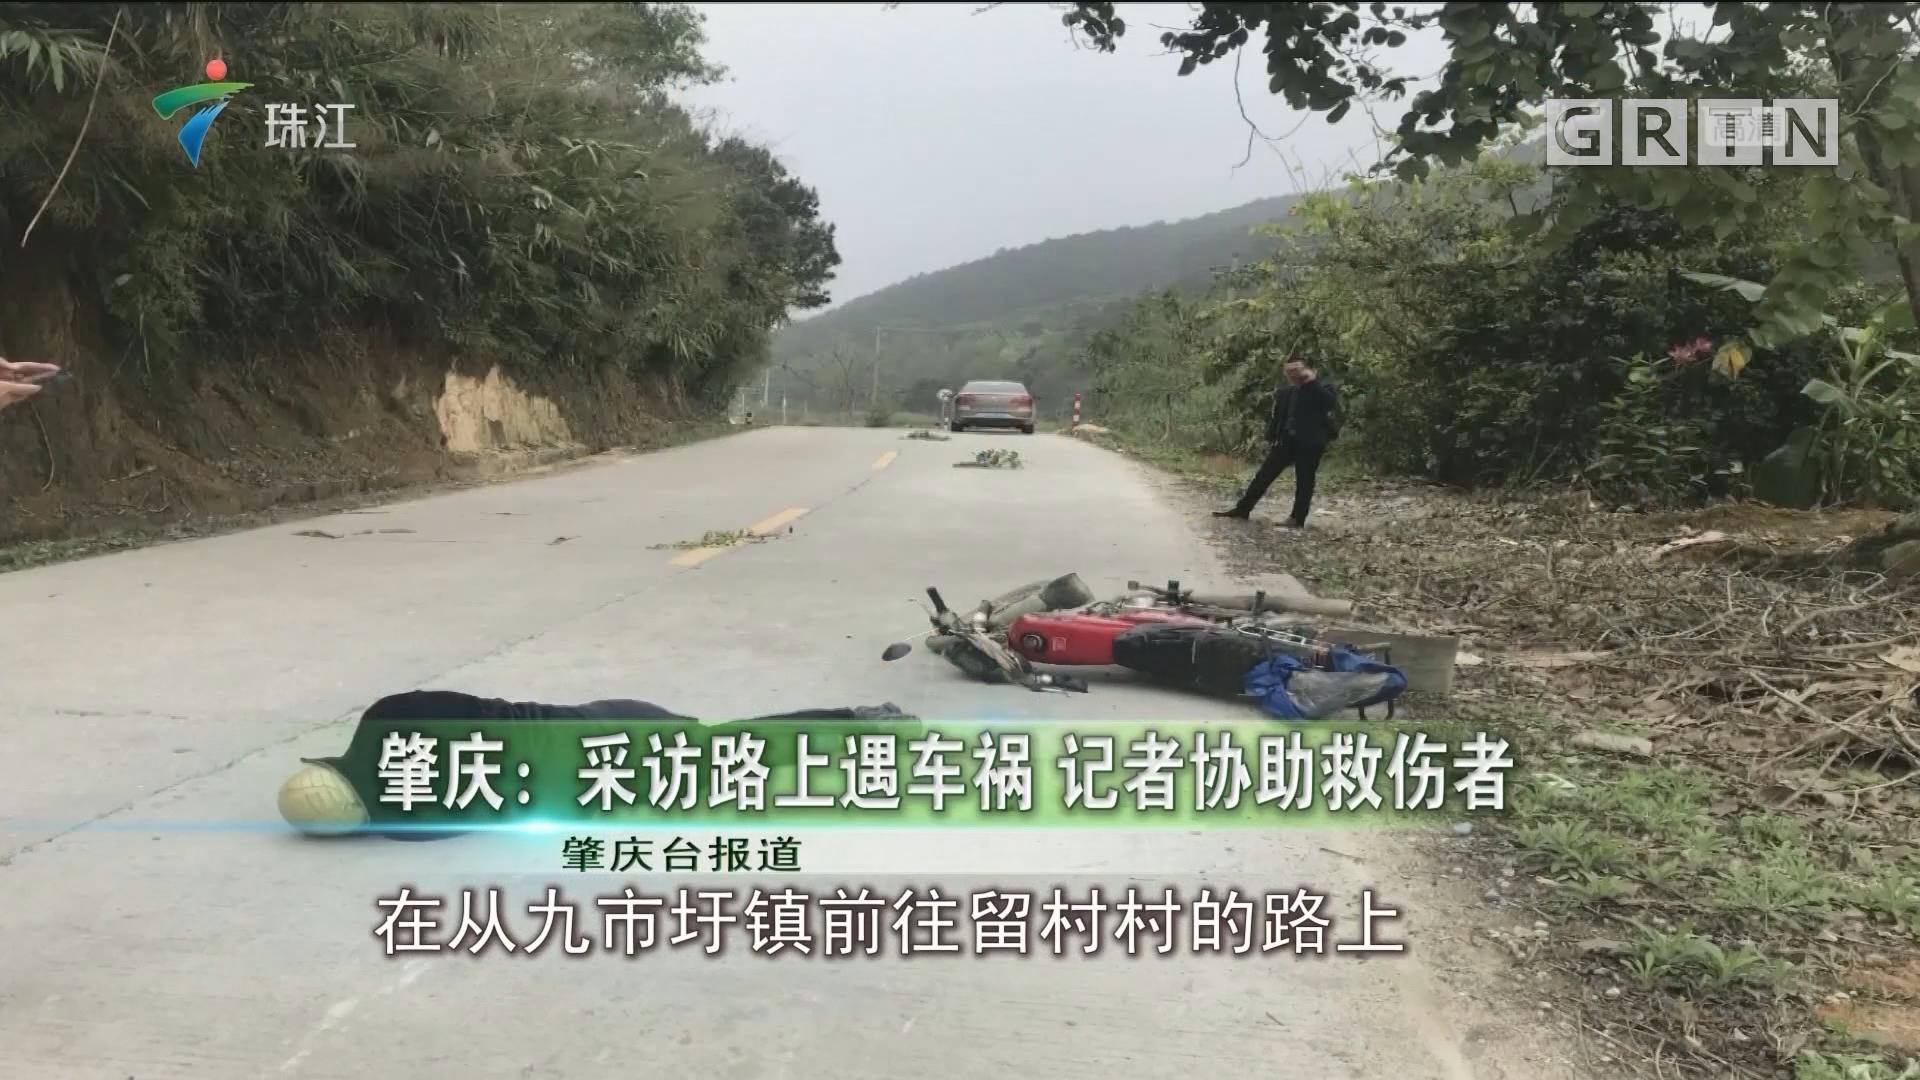 肇庆:采访路上遇车祸 记者协助救伤者